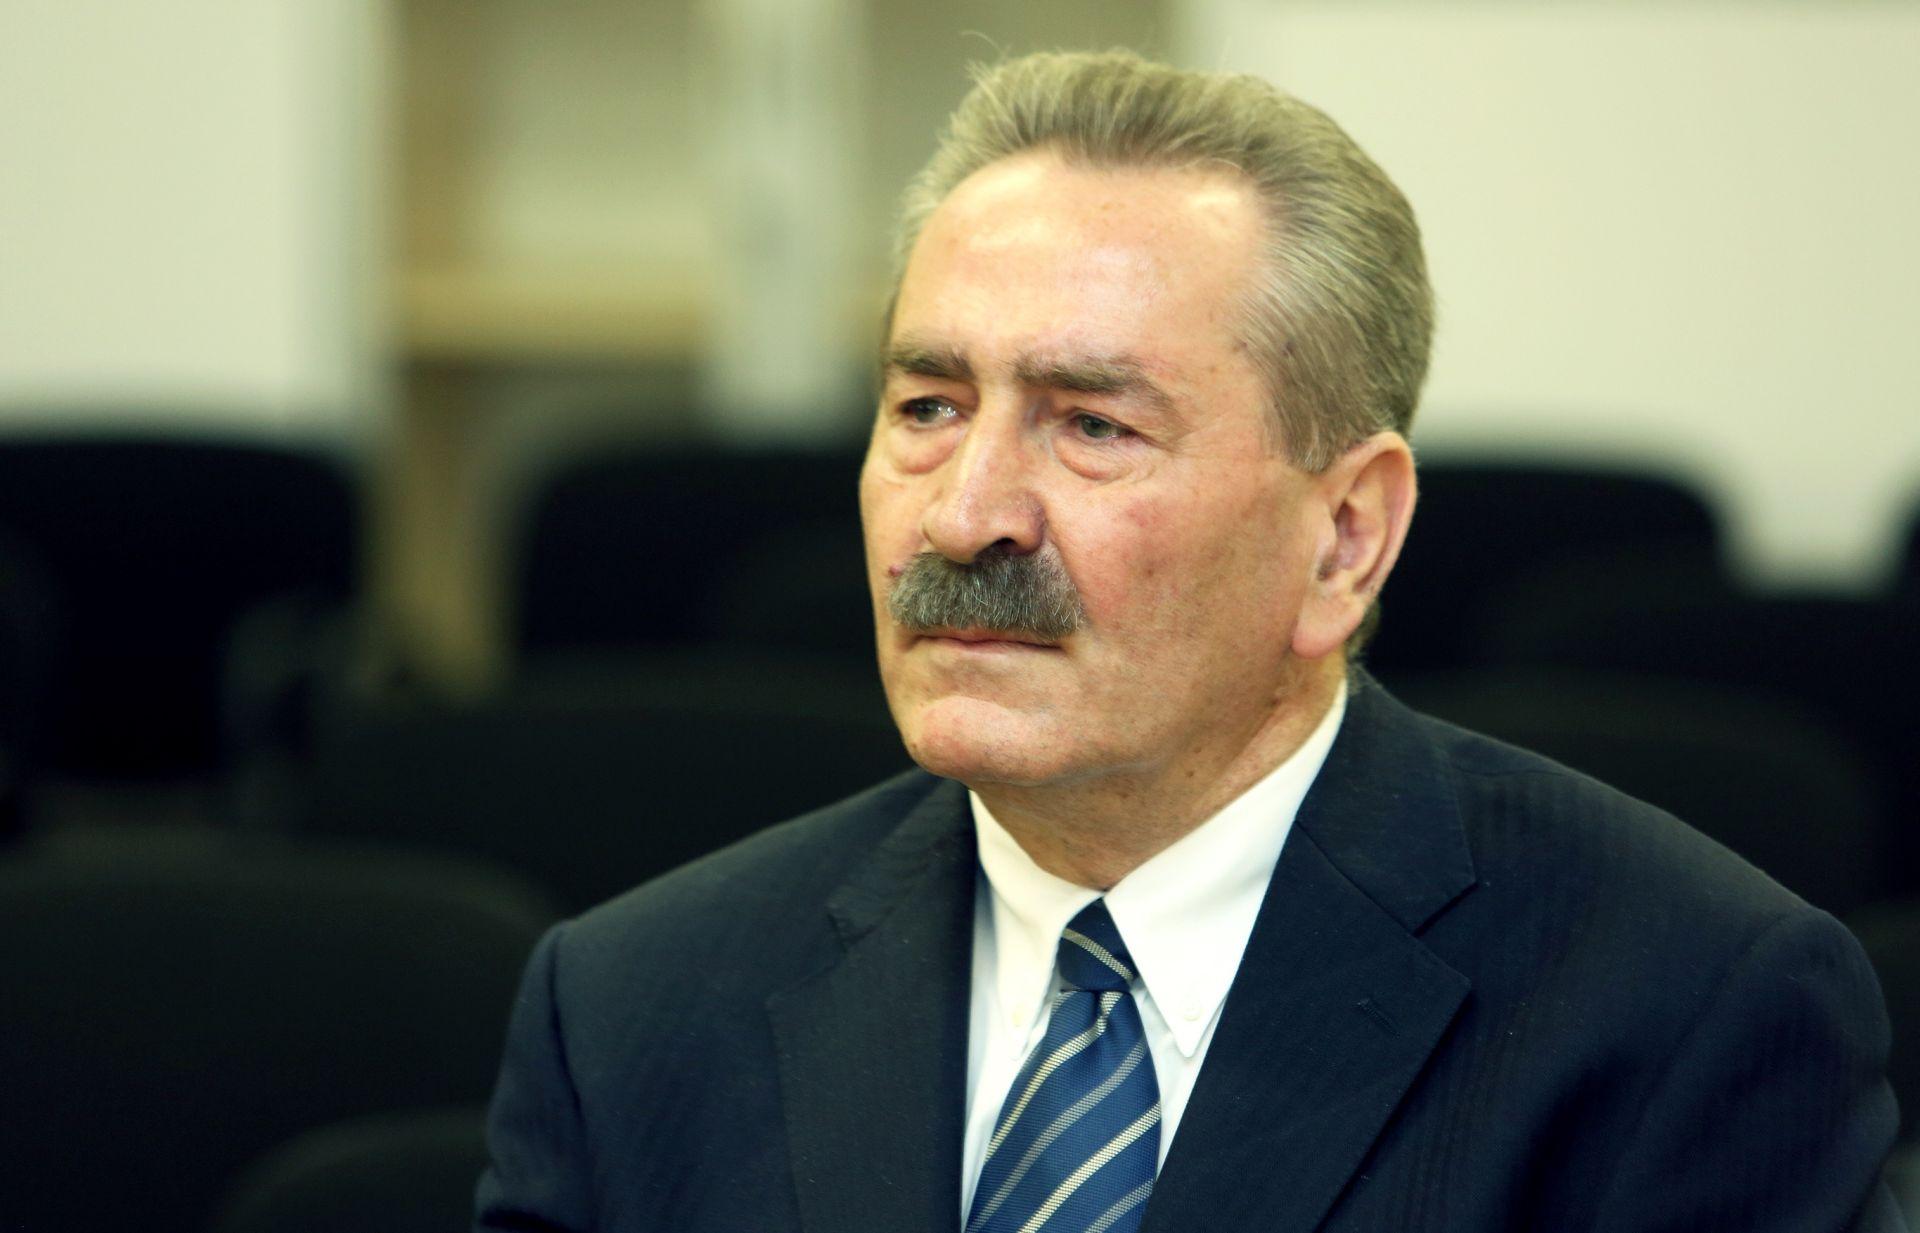 Bivši požeški župan Bagarić nepravomoćno osuđen na dvije i pol godine zatvora